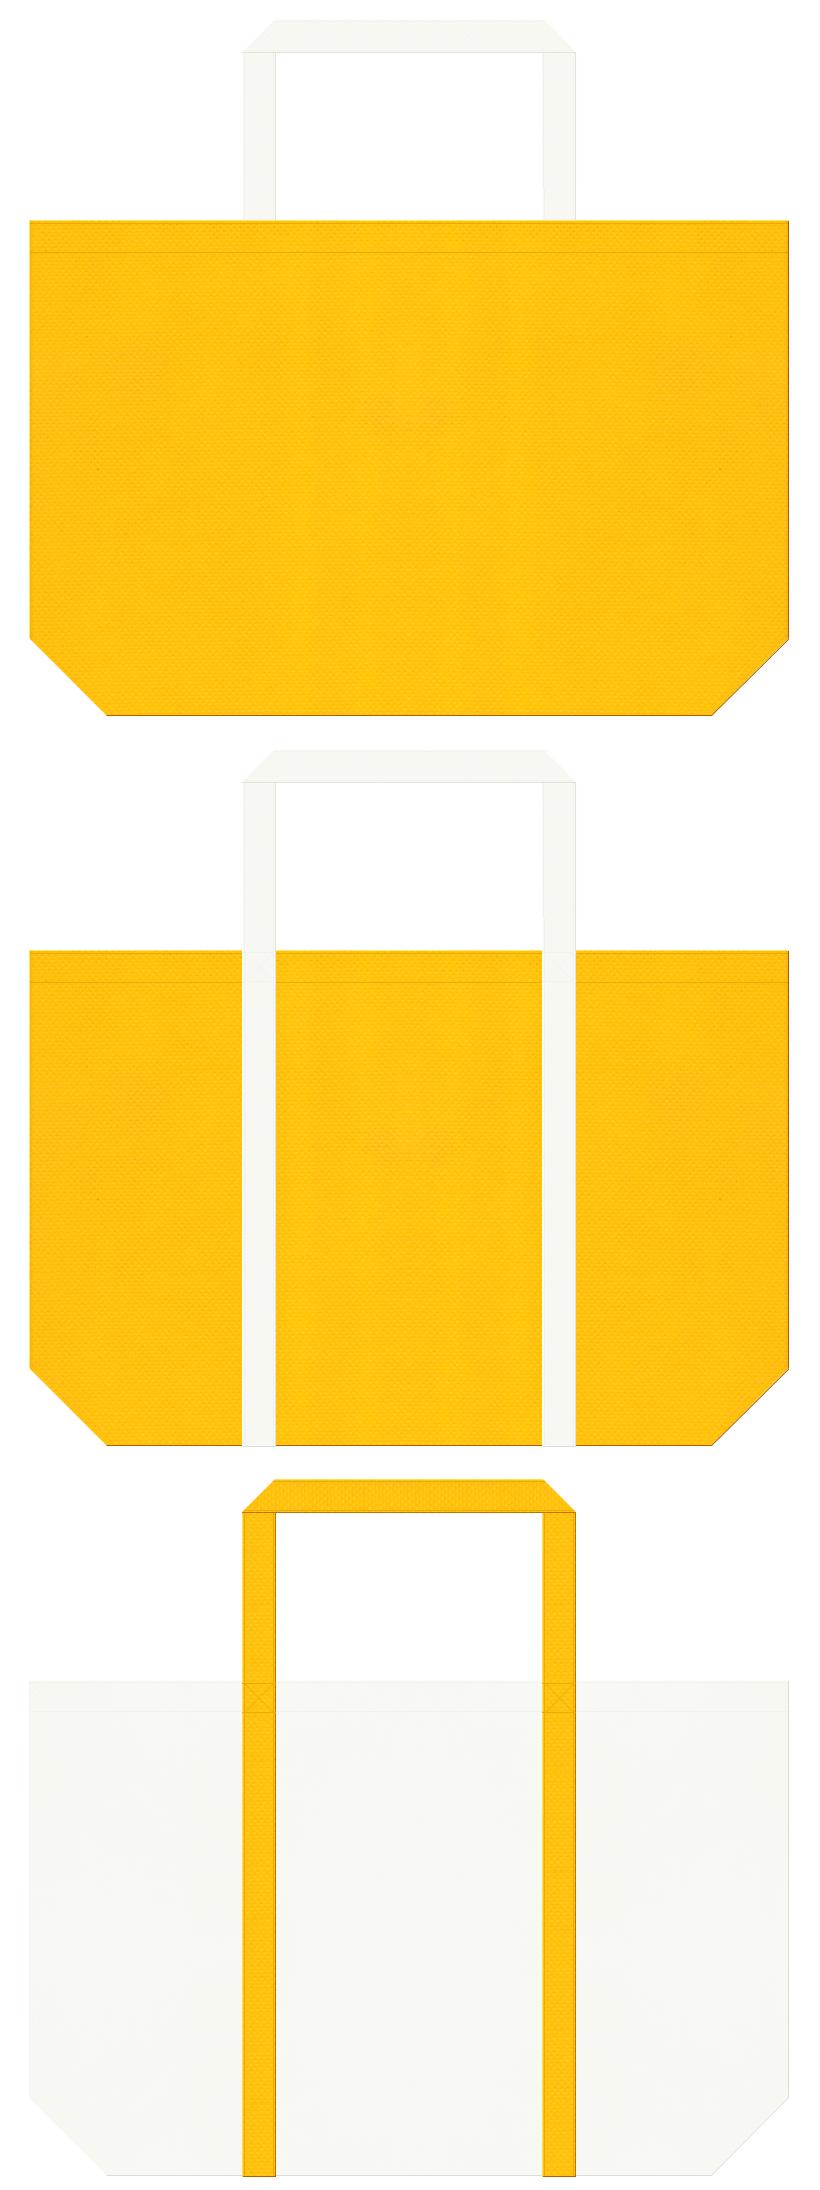 黄色とオフホワイト色の不織布ショッピングバッグデザイン。スクランブルエッグ風の配色です。